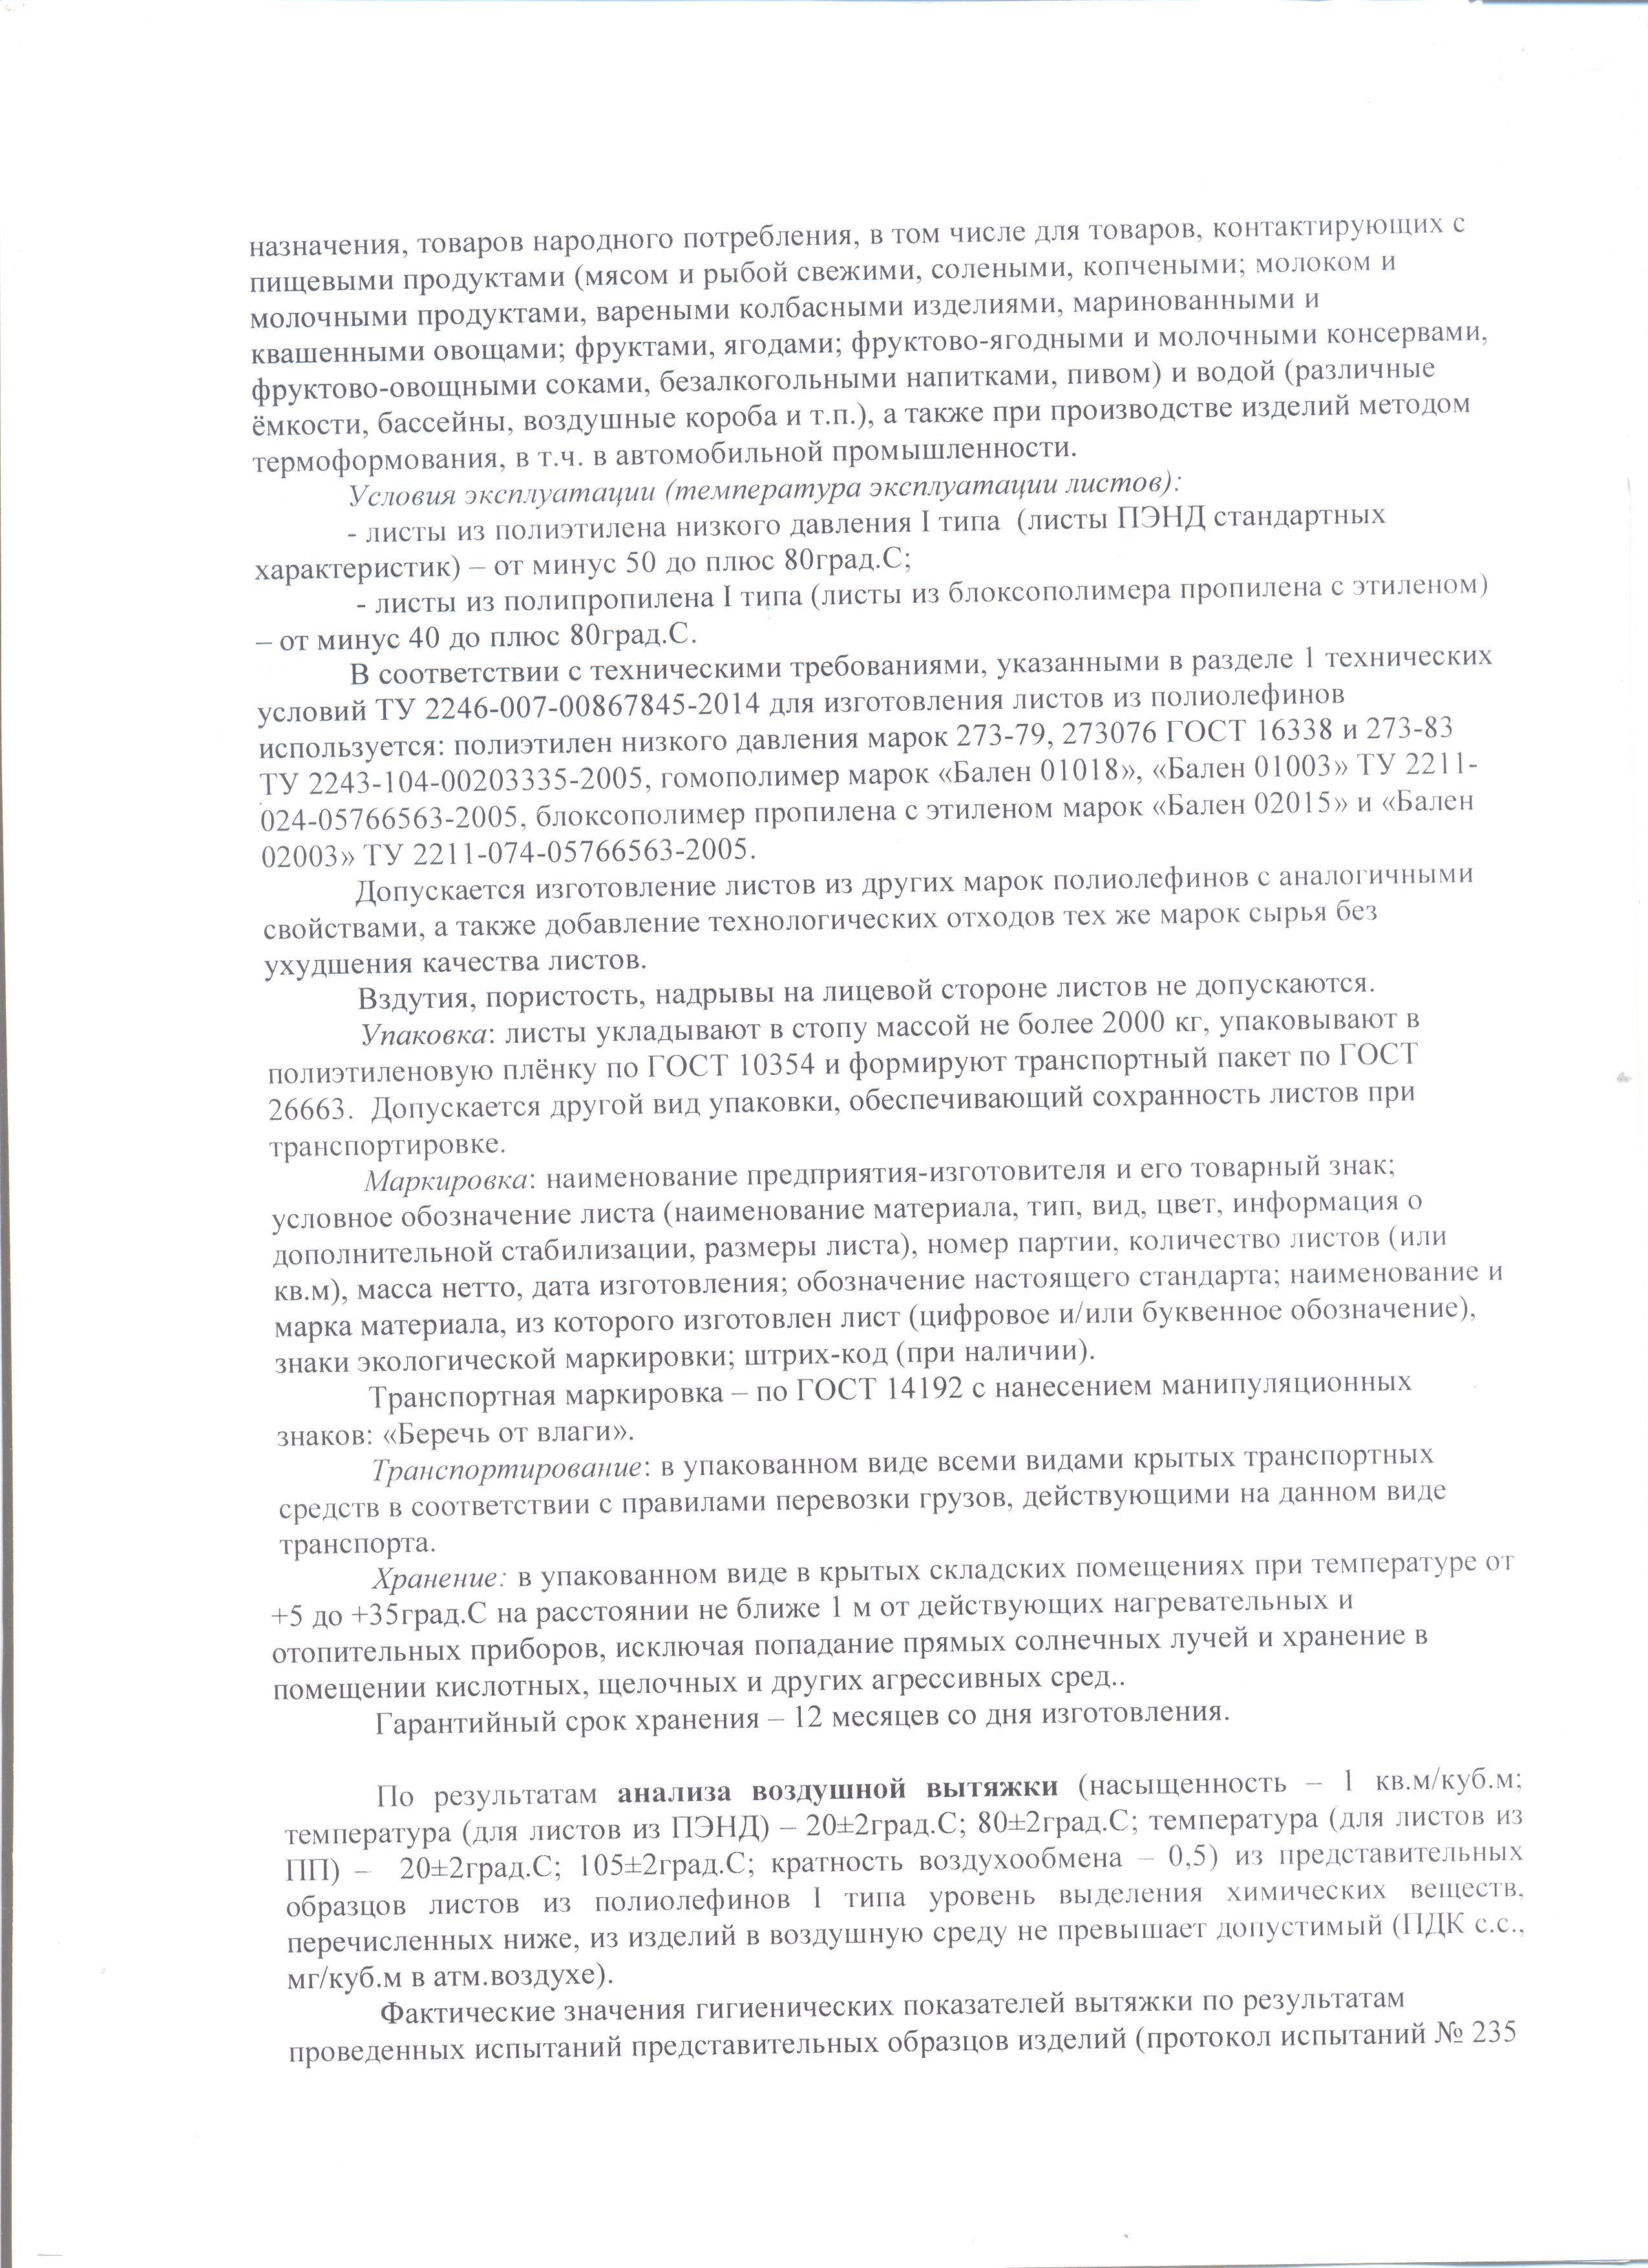 SZ-1-list-ob-storona